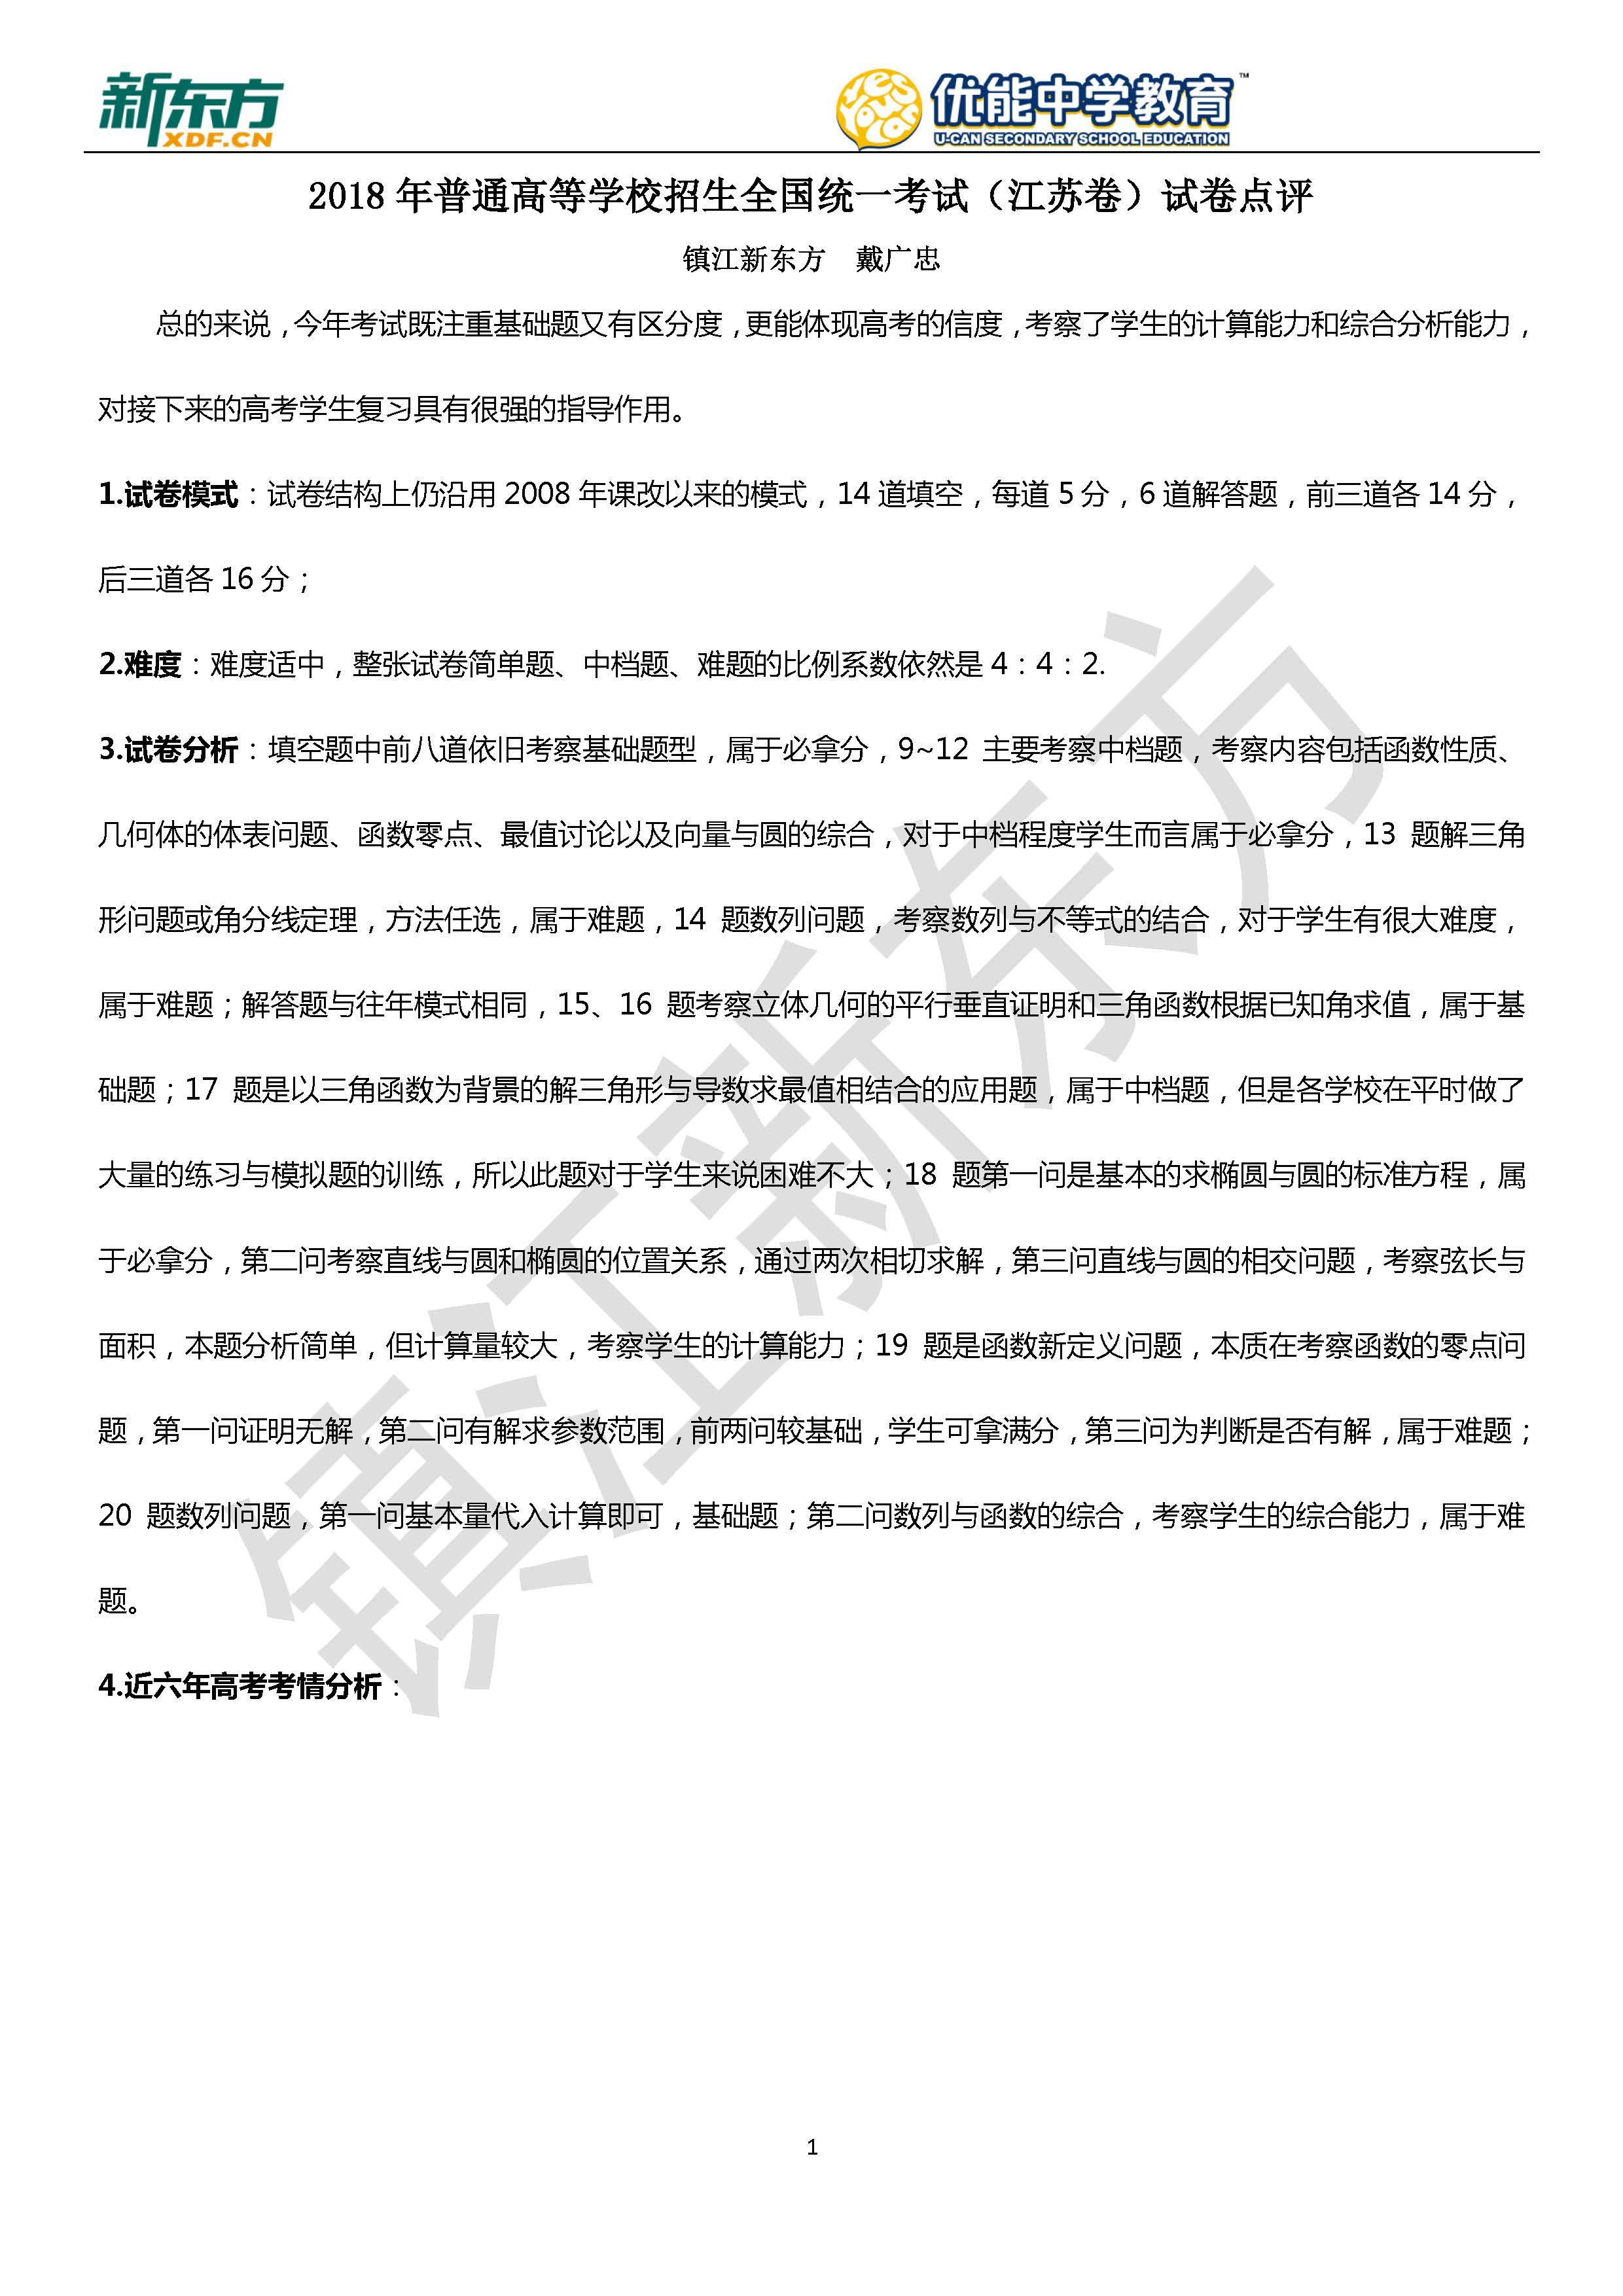 2018江苏高考数学文试卷点评(镇江新东方)